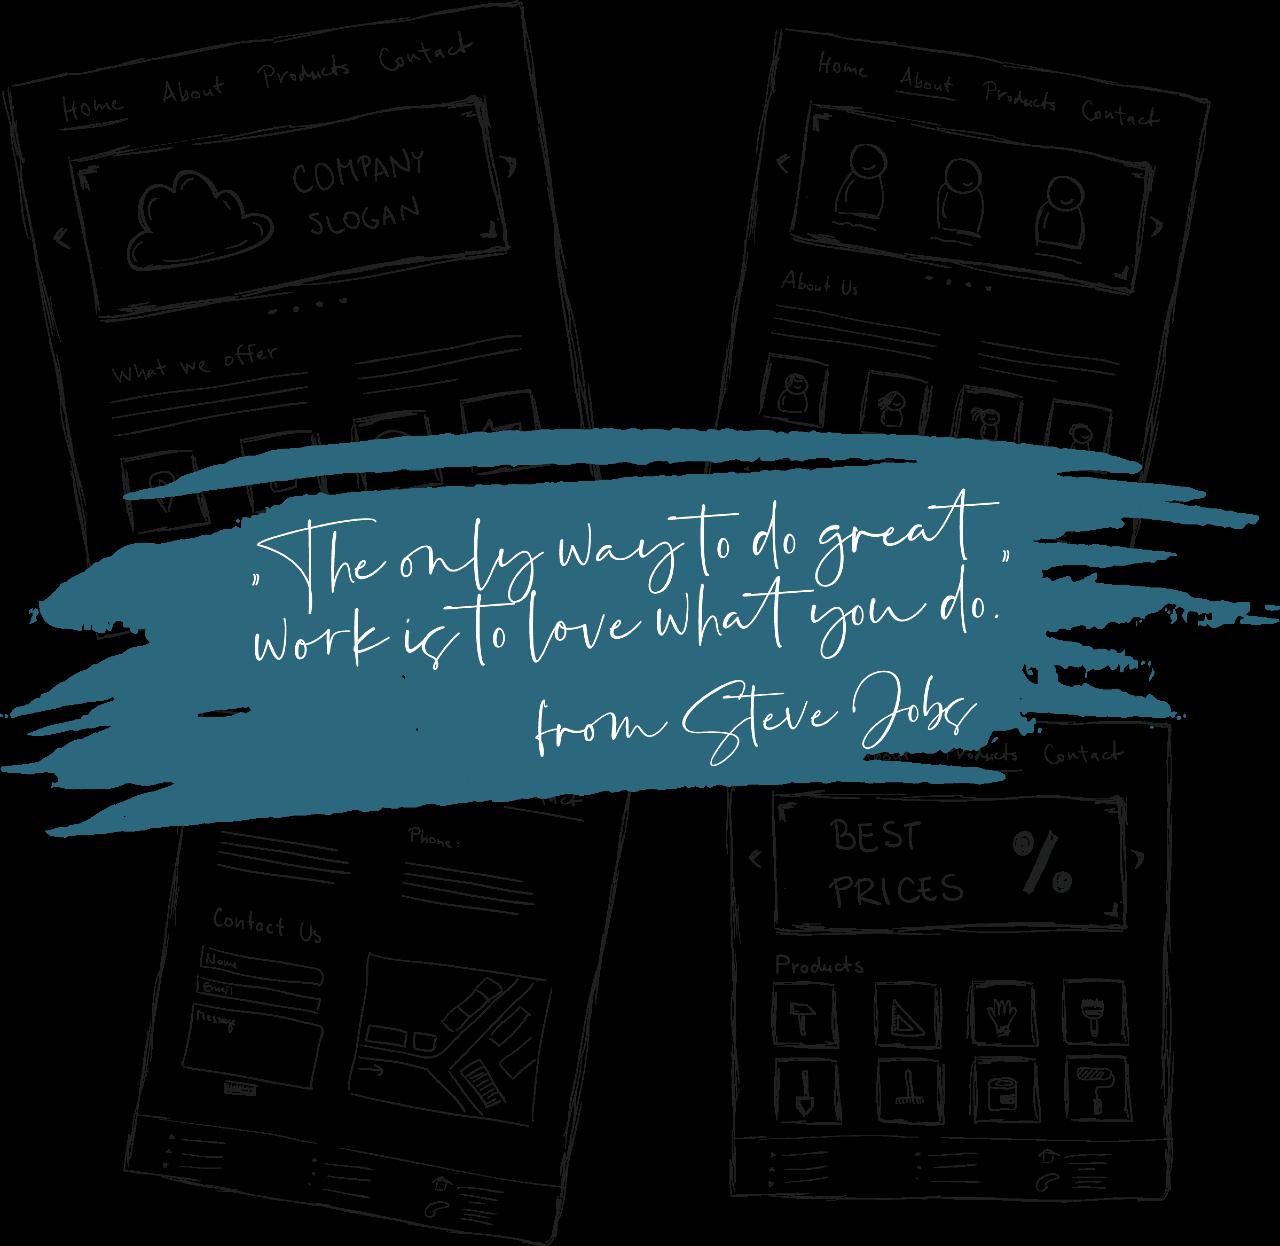 Sebők Eszter webdesign